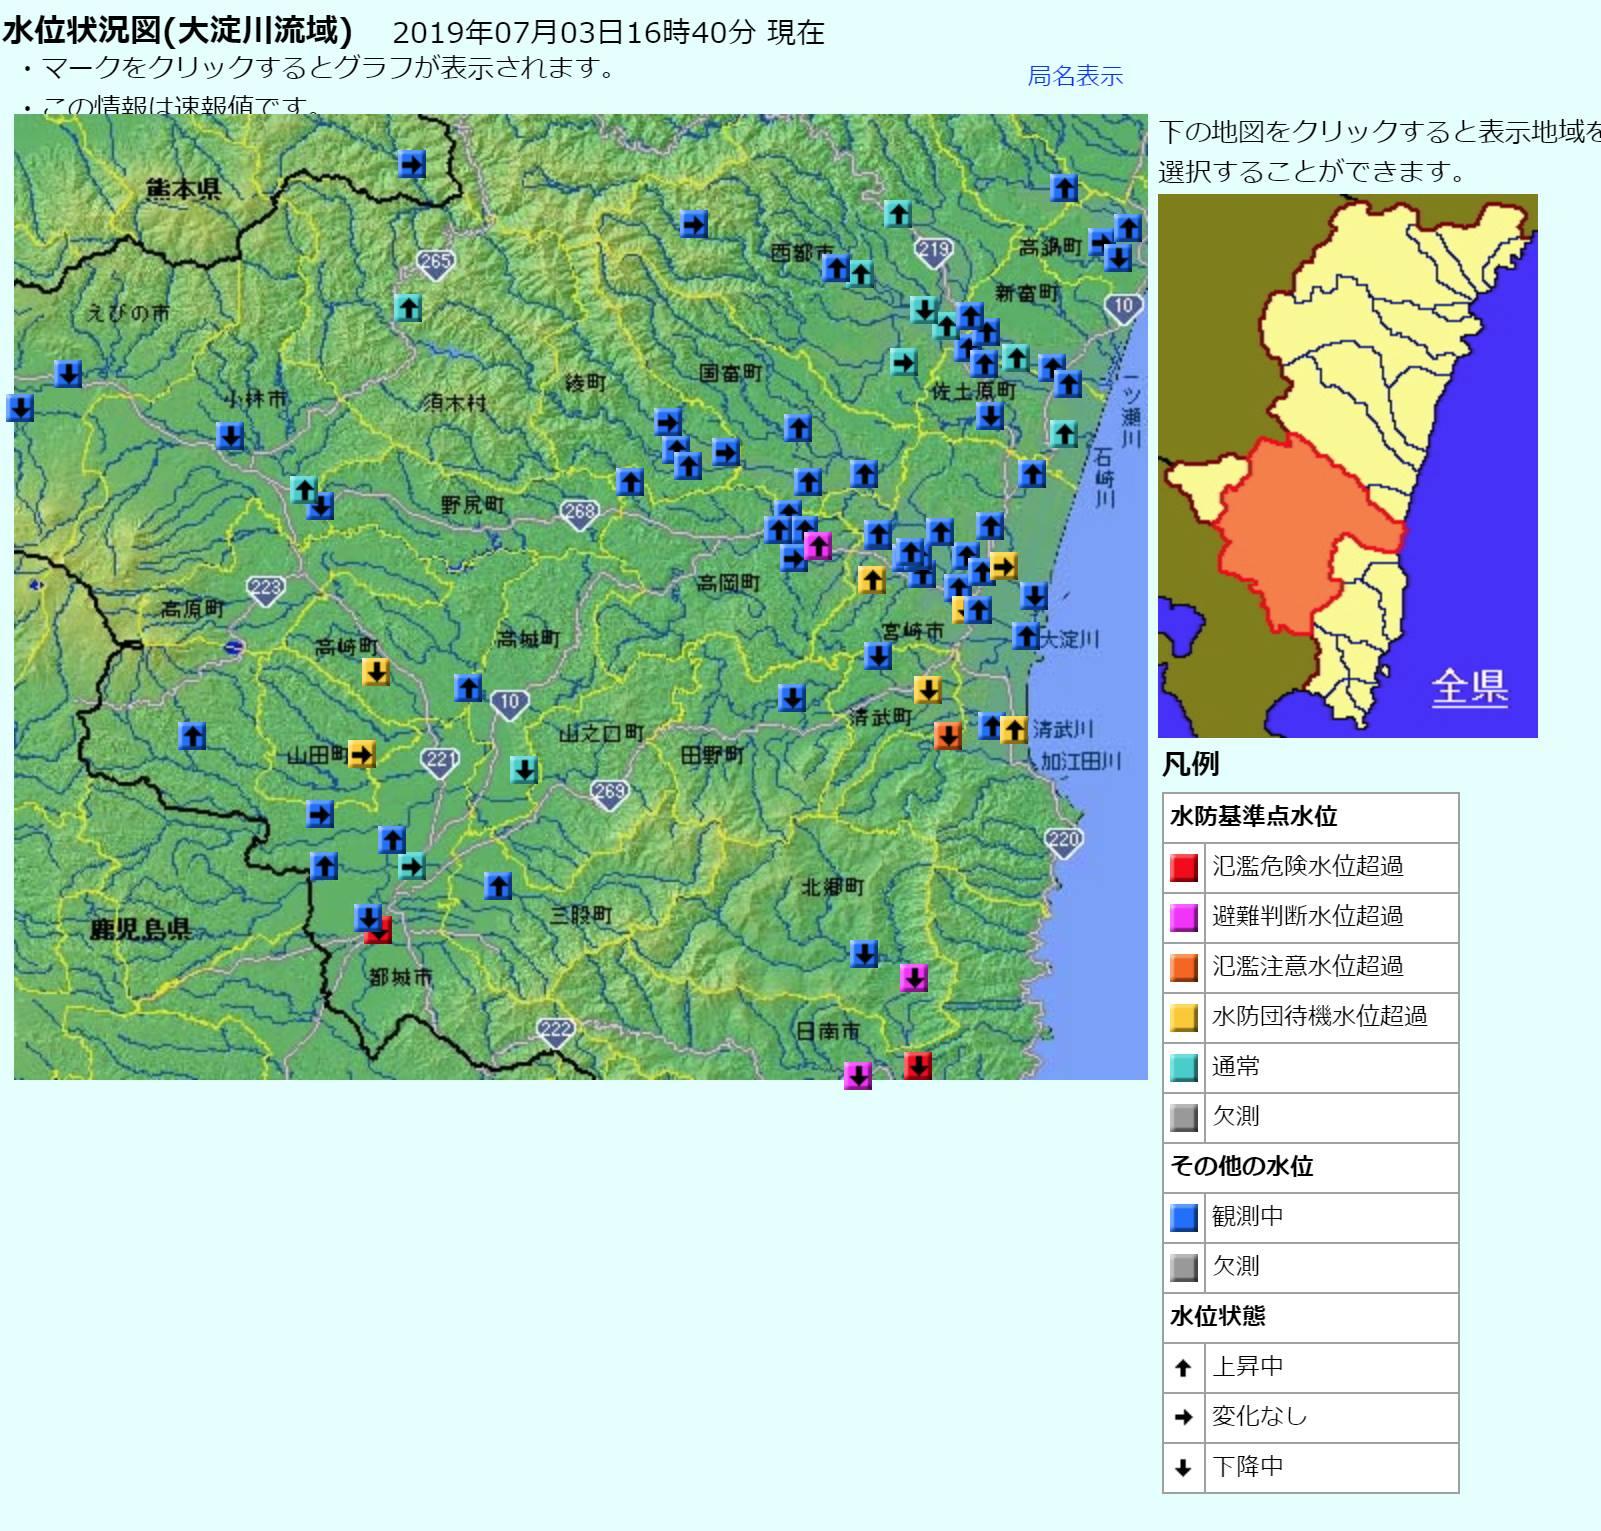 大淀川水位状況図